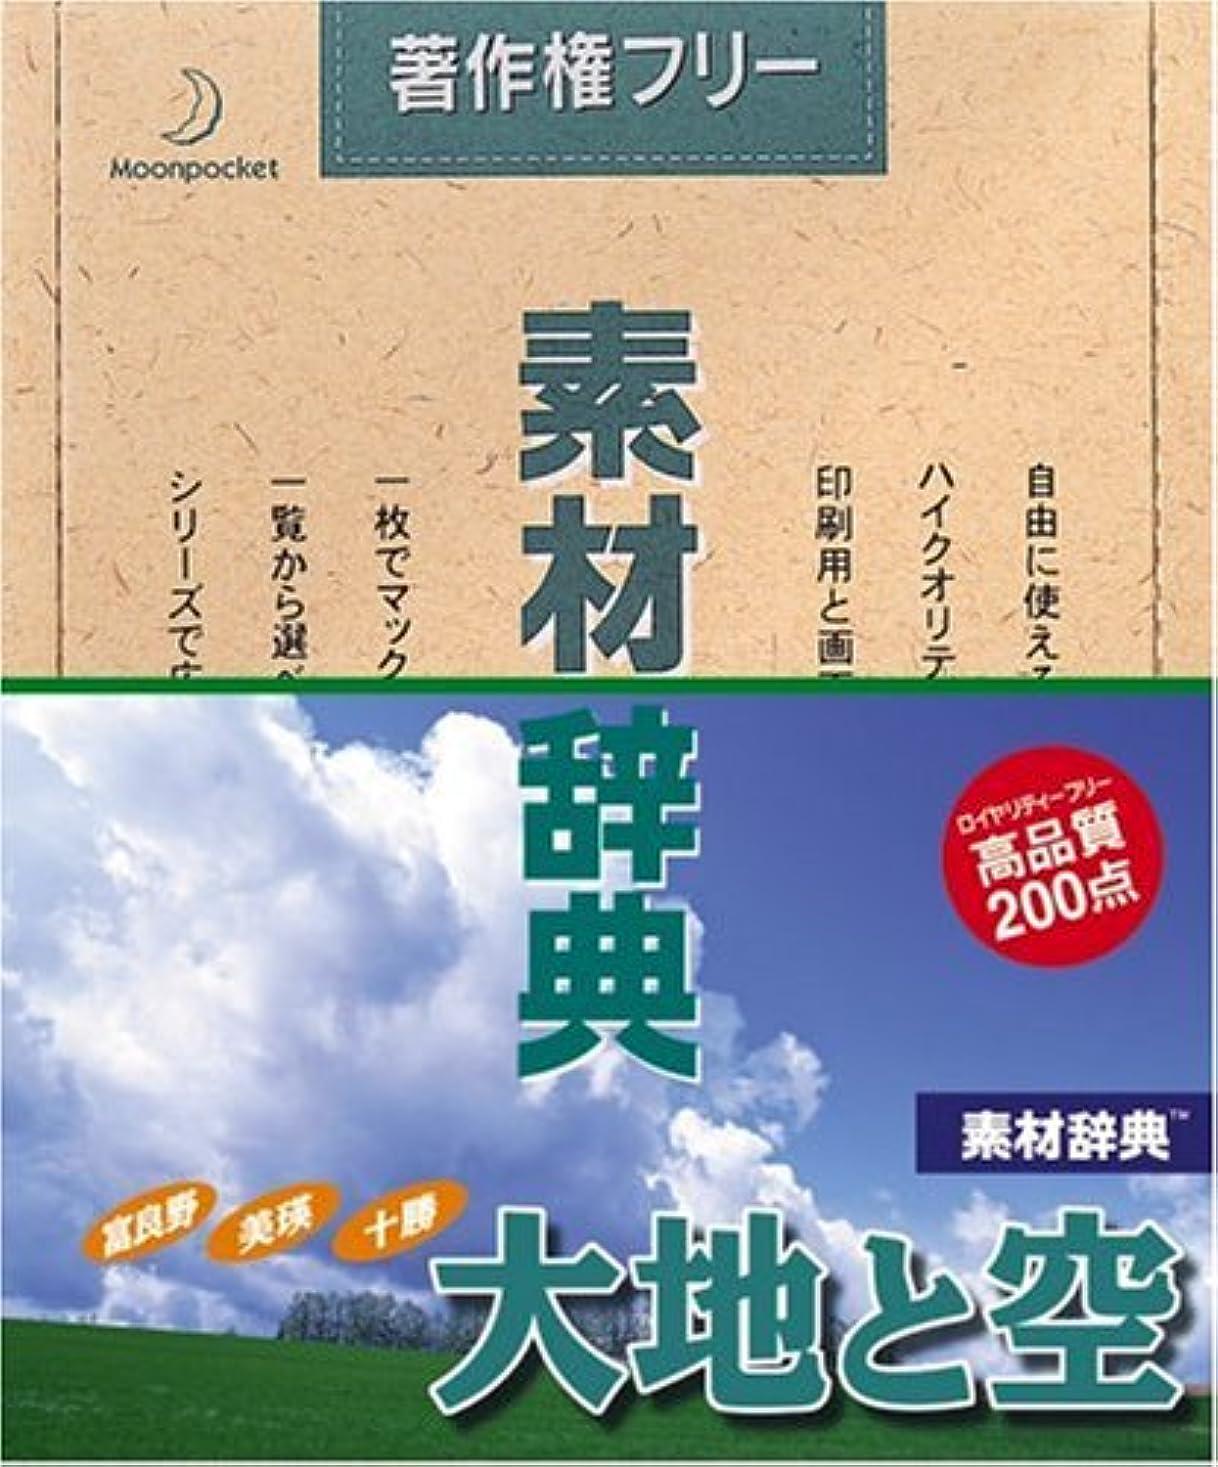 航空便びっくりむしろ素材辞典 Vol.59 大地と空編